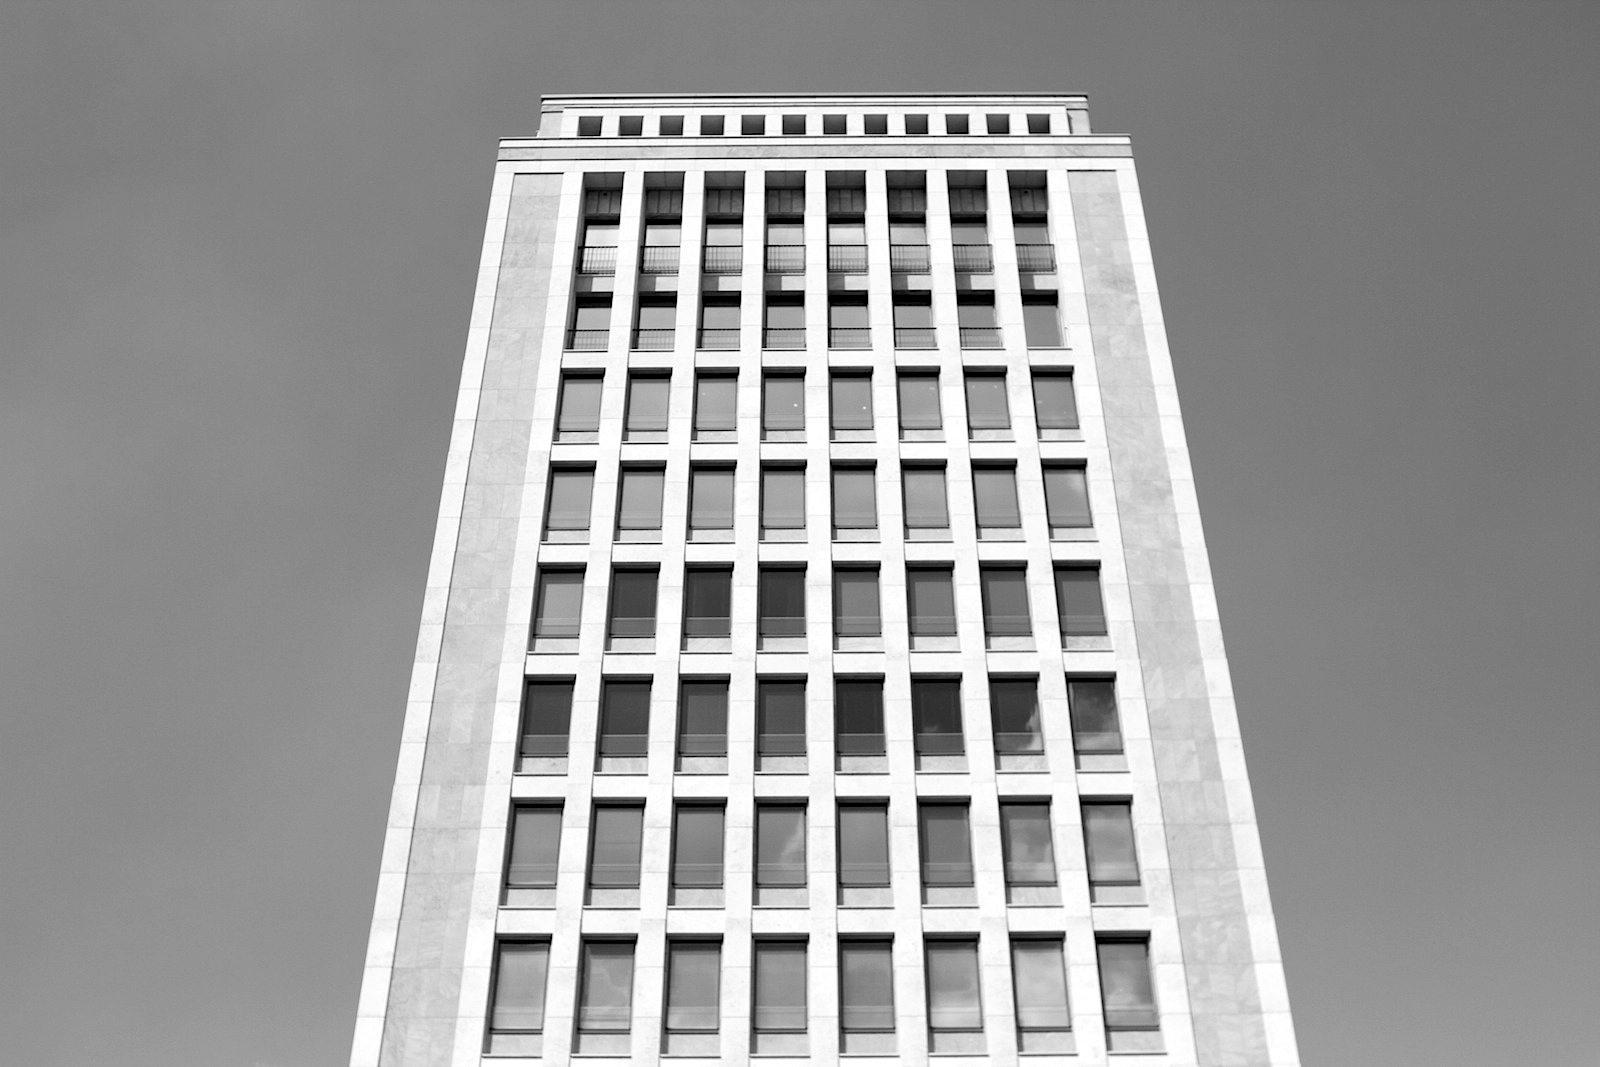 Gerlingviertel. Das Hochhaus wurde von Helmut Hentrich und Hans Heuser entworfen und 1953 fertiggestellt.